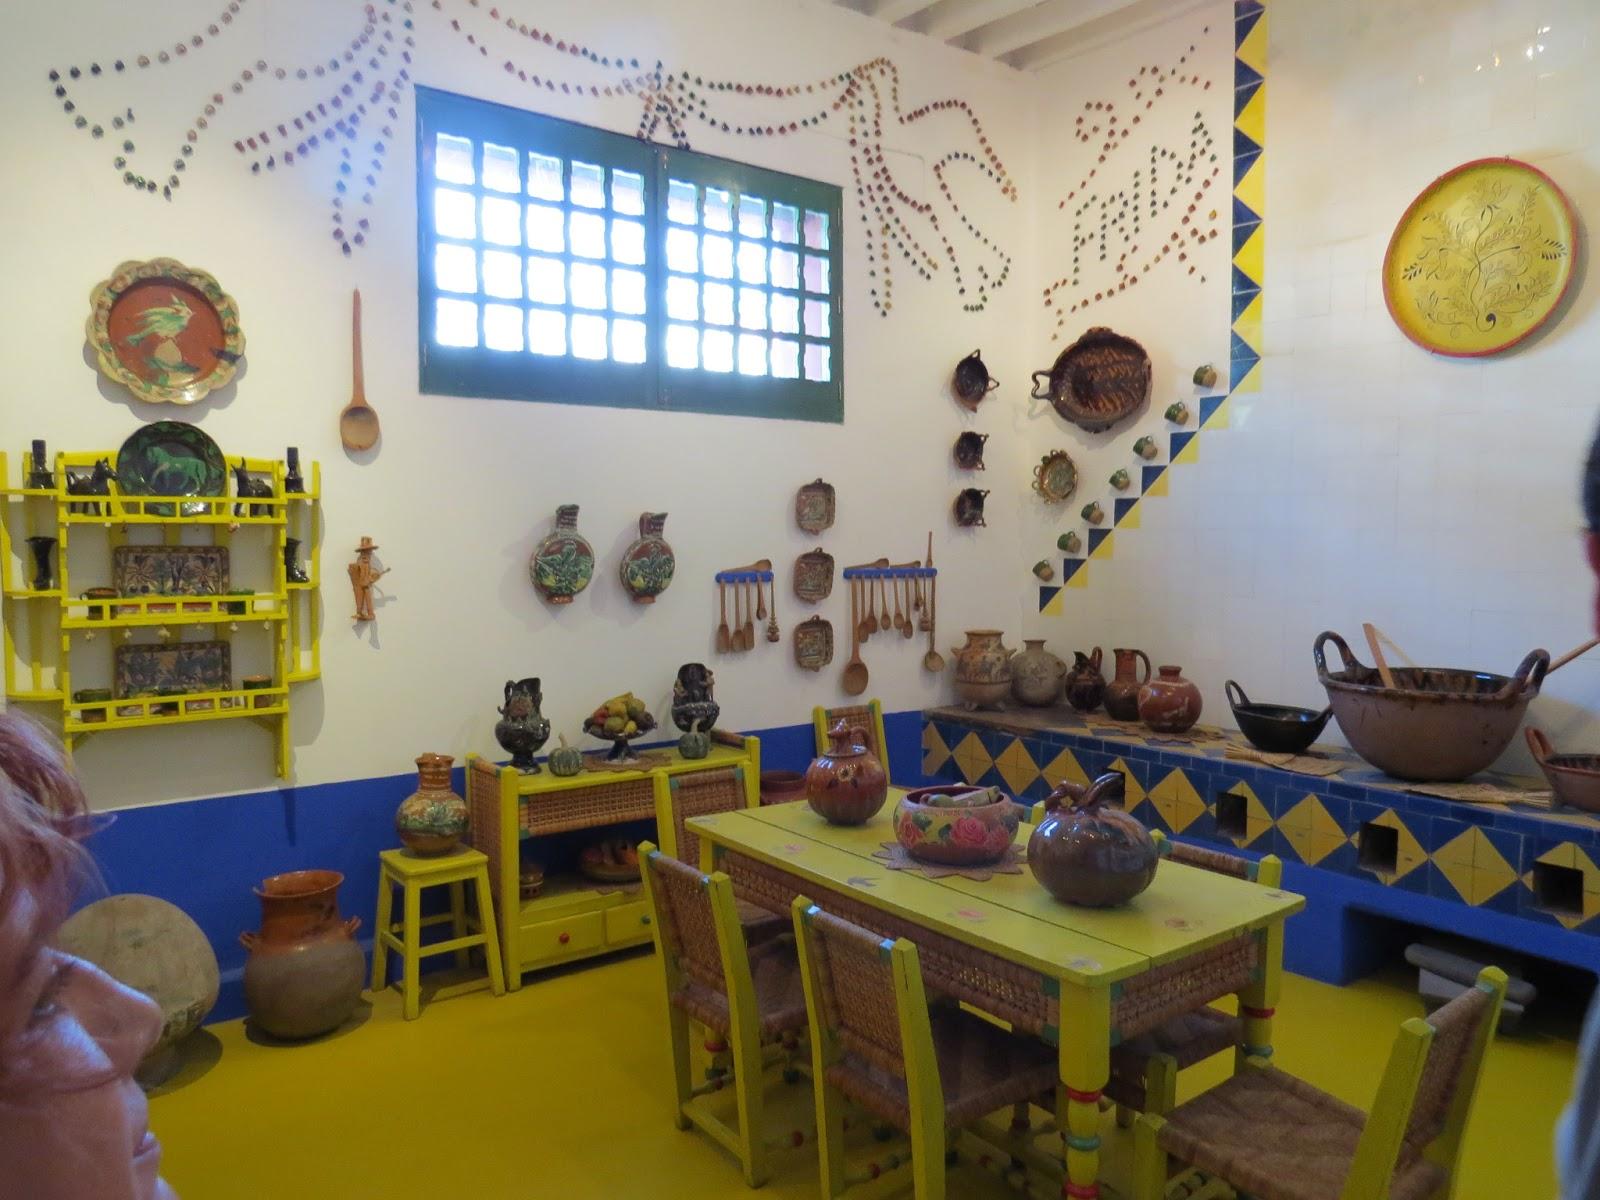 Latin America Mexico City Frida Kahlo Trotsky Museo De